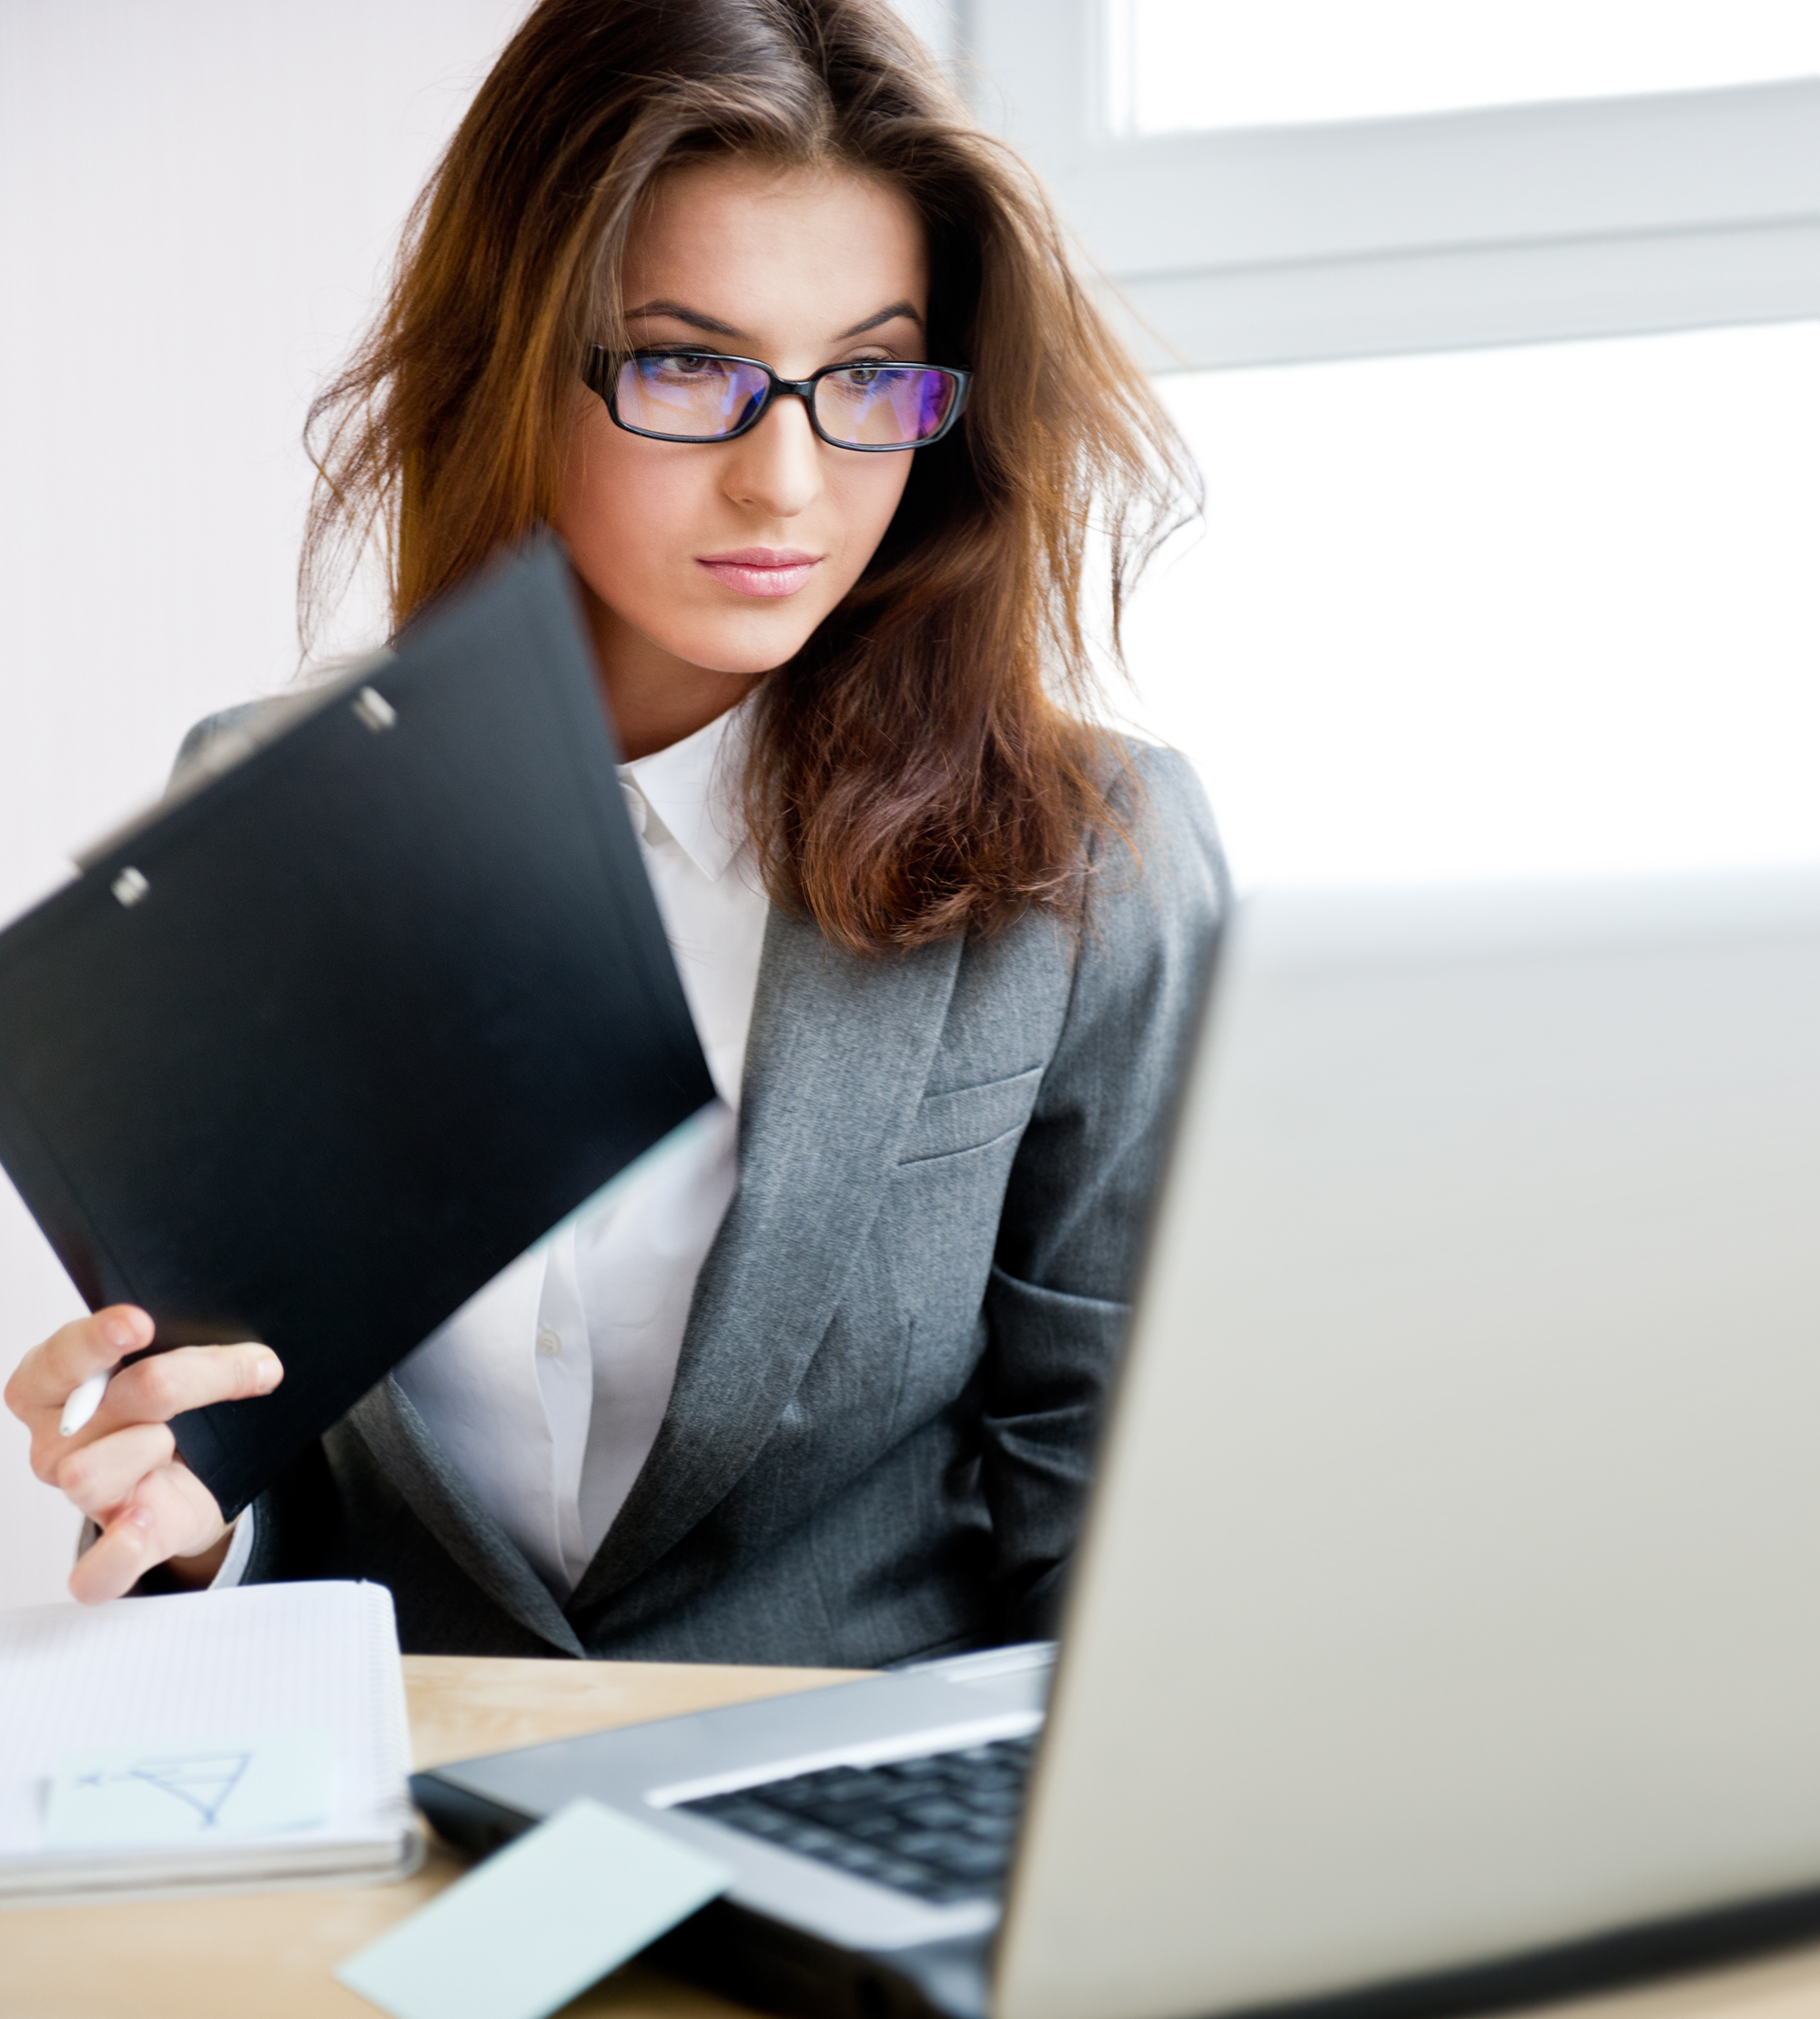 Бухгалтер и финансовый менеджер — четыре отличия